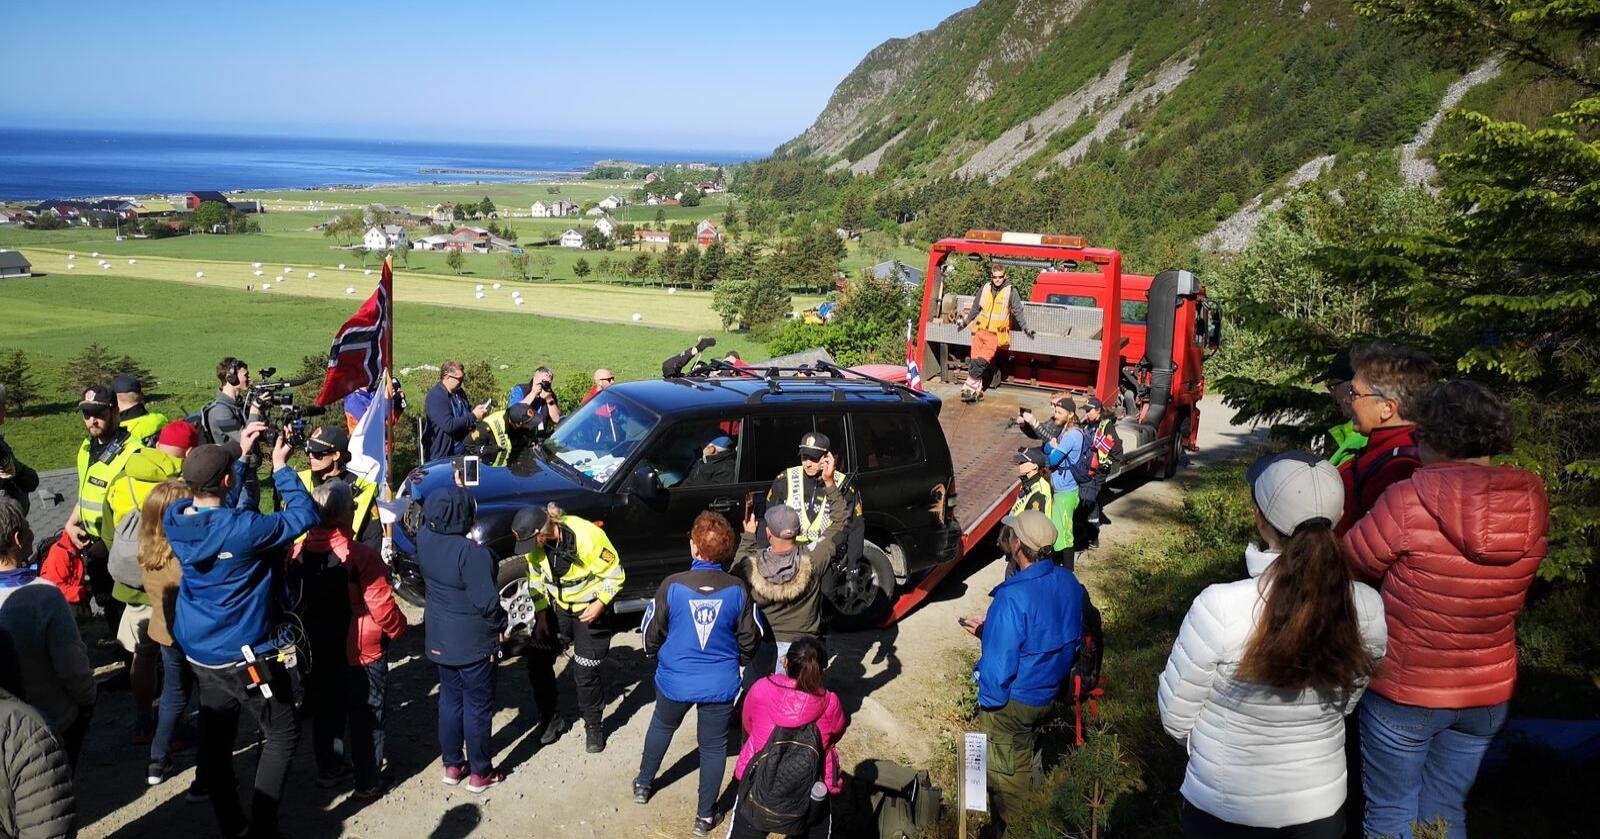 Utbyggingen av vindkraftanlegget på Haramsøya har skapt sterke reaksjoner og flere protester. Nå er byggingen i gang. Foto: Hilde Beate Ellingsæter / Norde / NTB / NPK